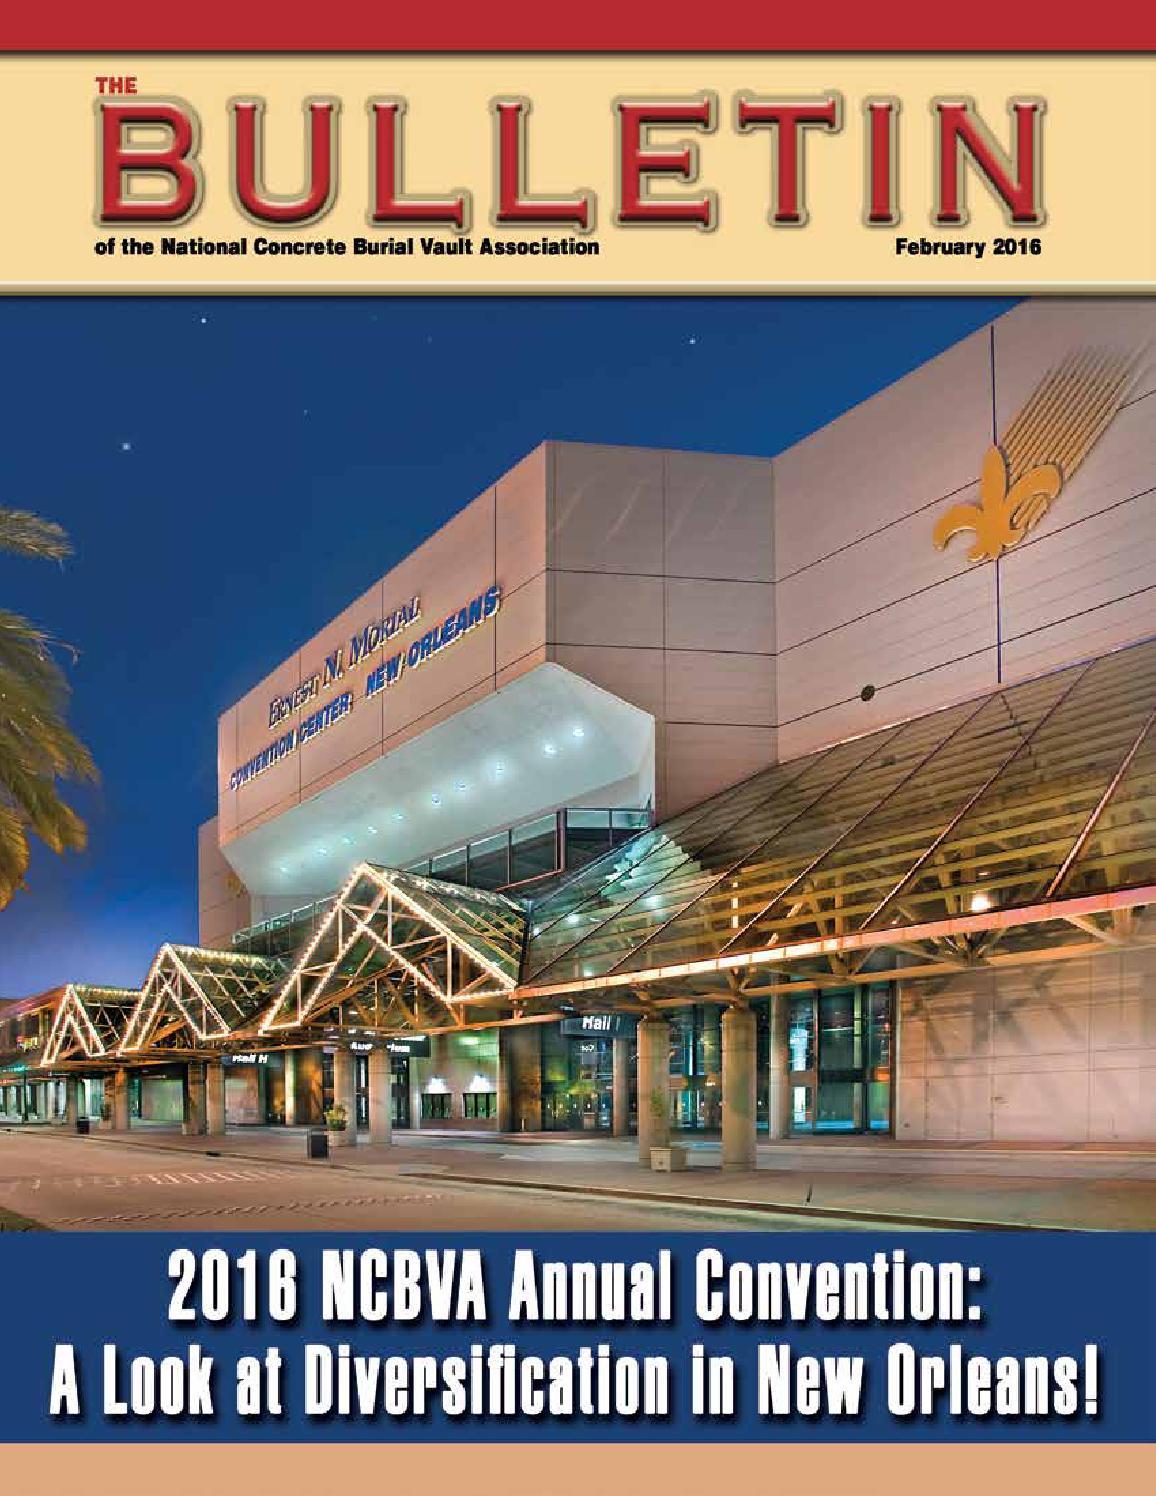 NCBVA Bulletin February 2016 by NCBVA - issuu